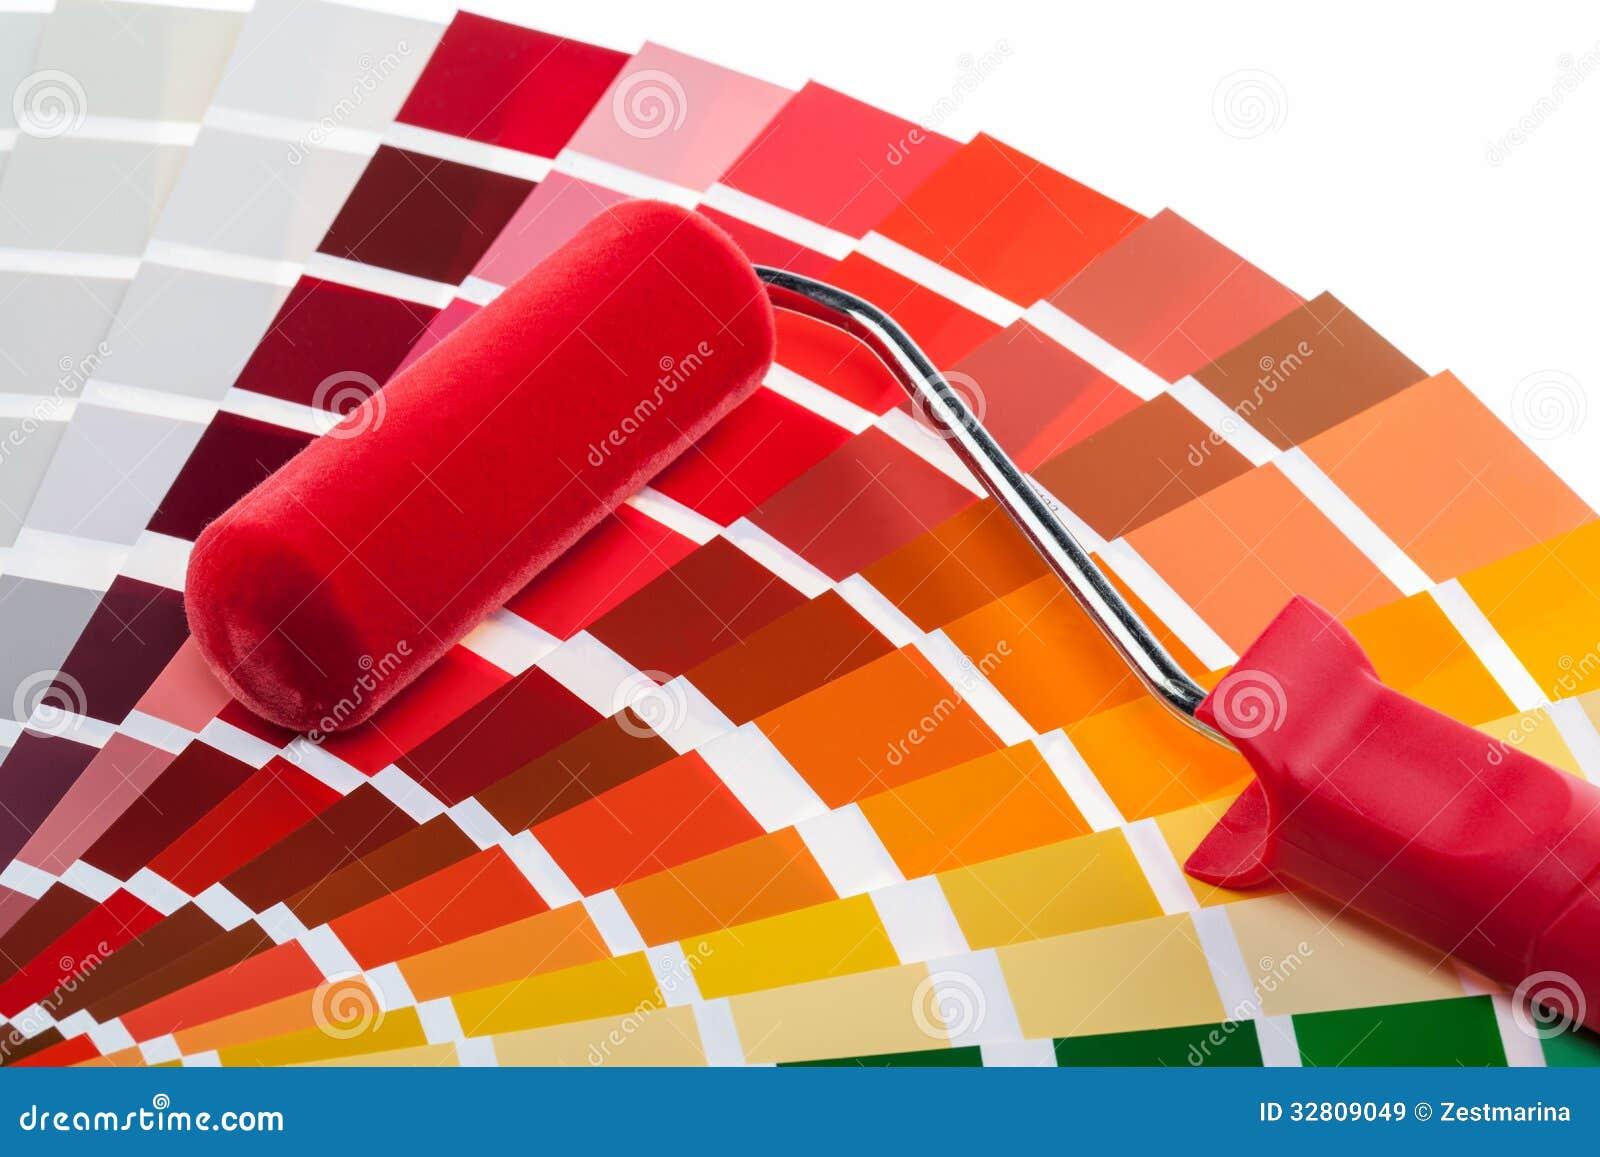 Muestras del rodillo y del color de pintura im genes de for Muestra colores pintura pared